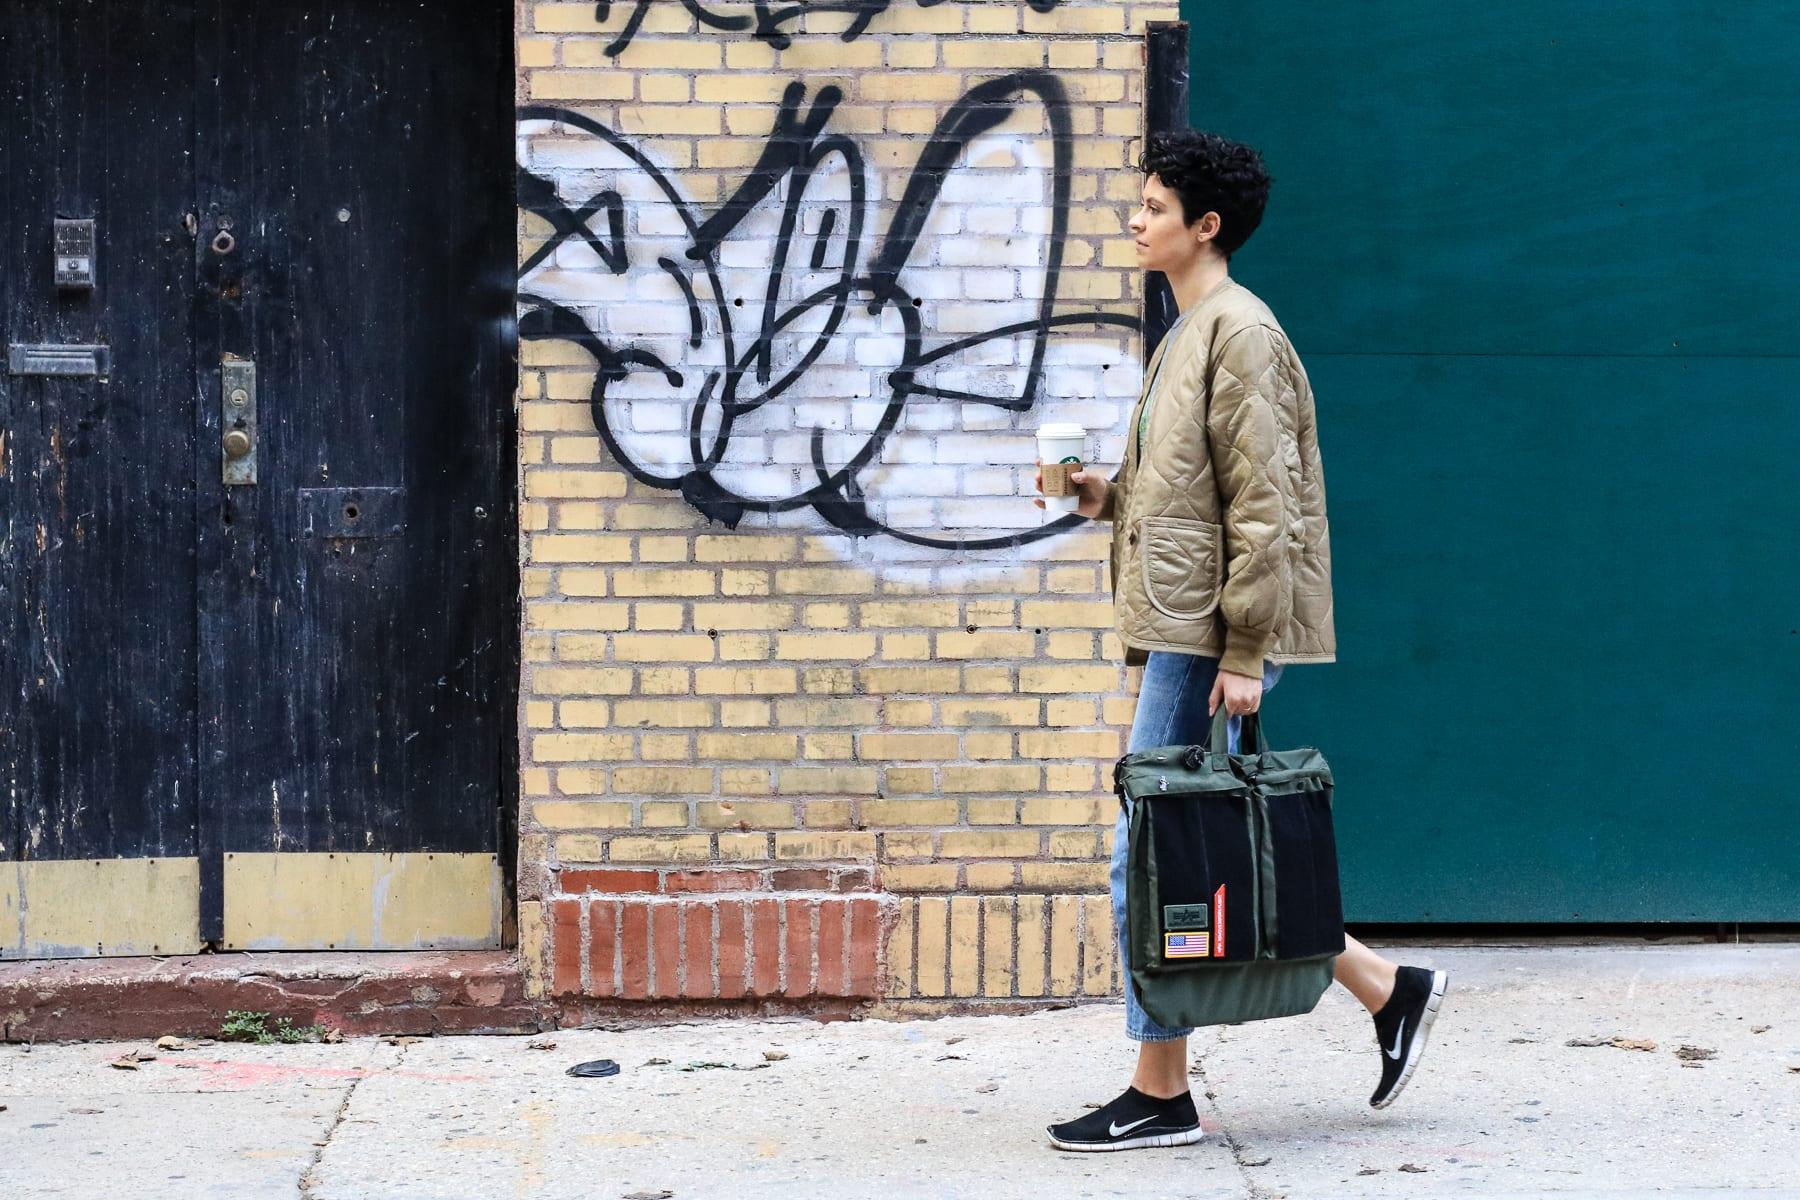 08-NY-journey-citystreet04.jpg